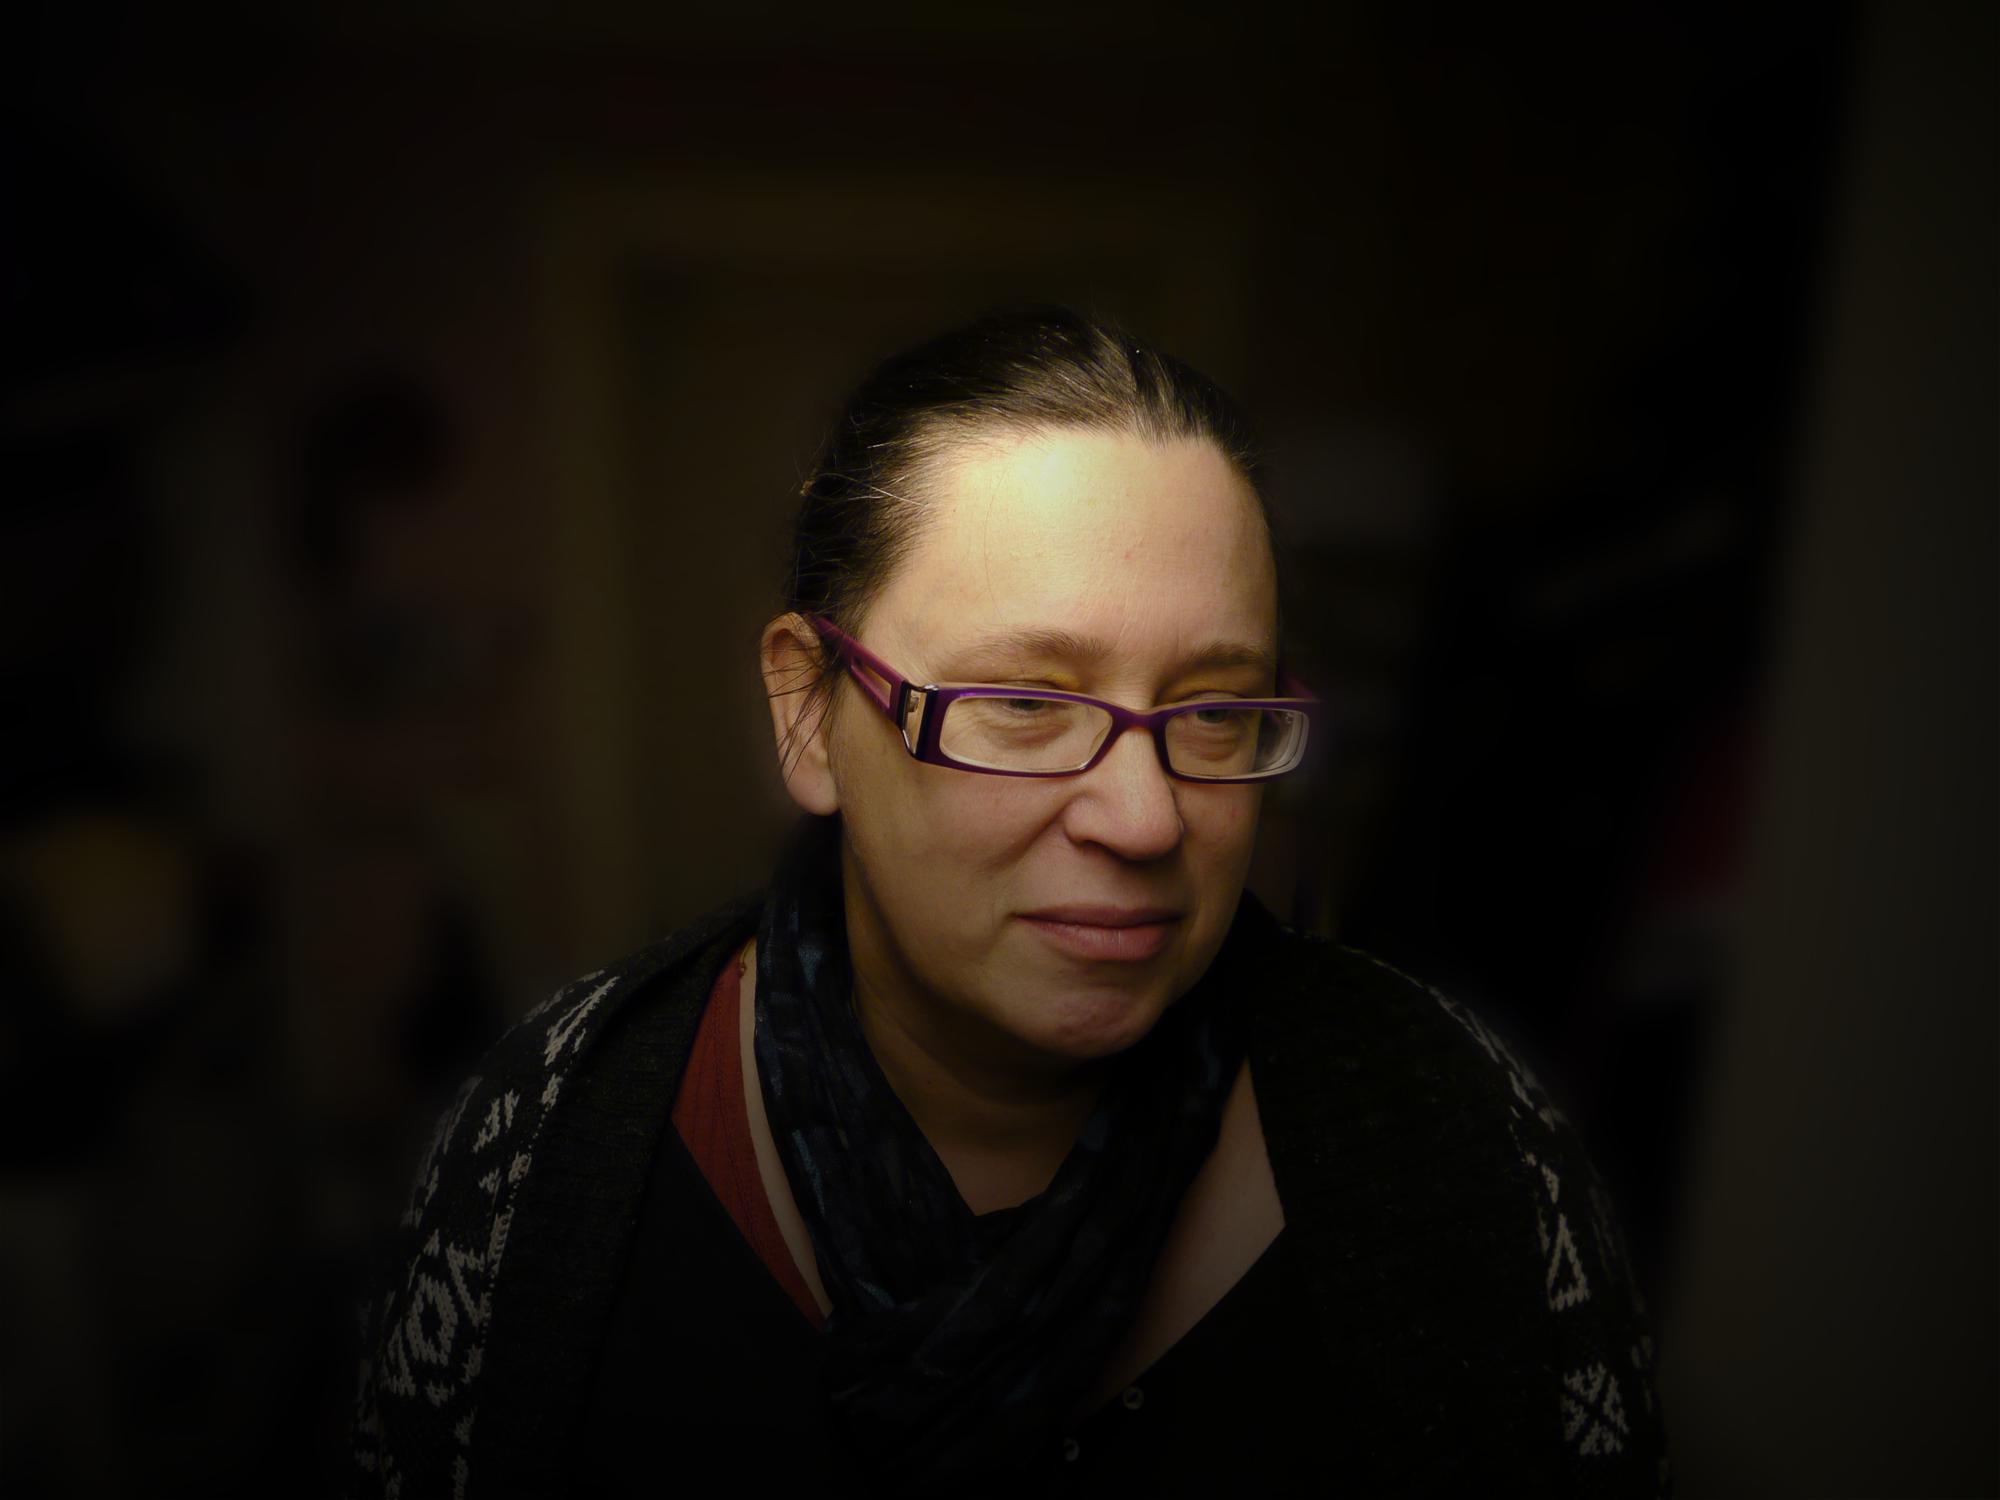 Nässelhäxan - Petra Modée. www.nässelhäxan.se